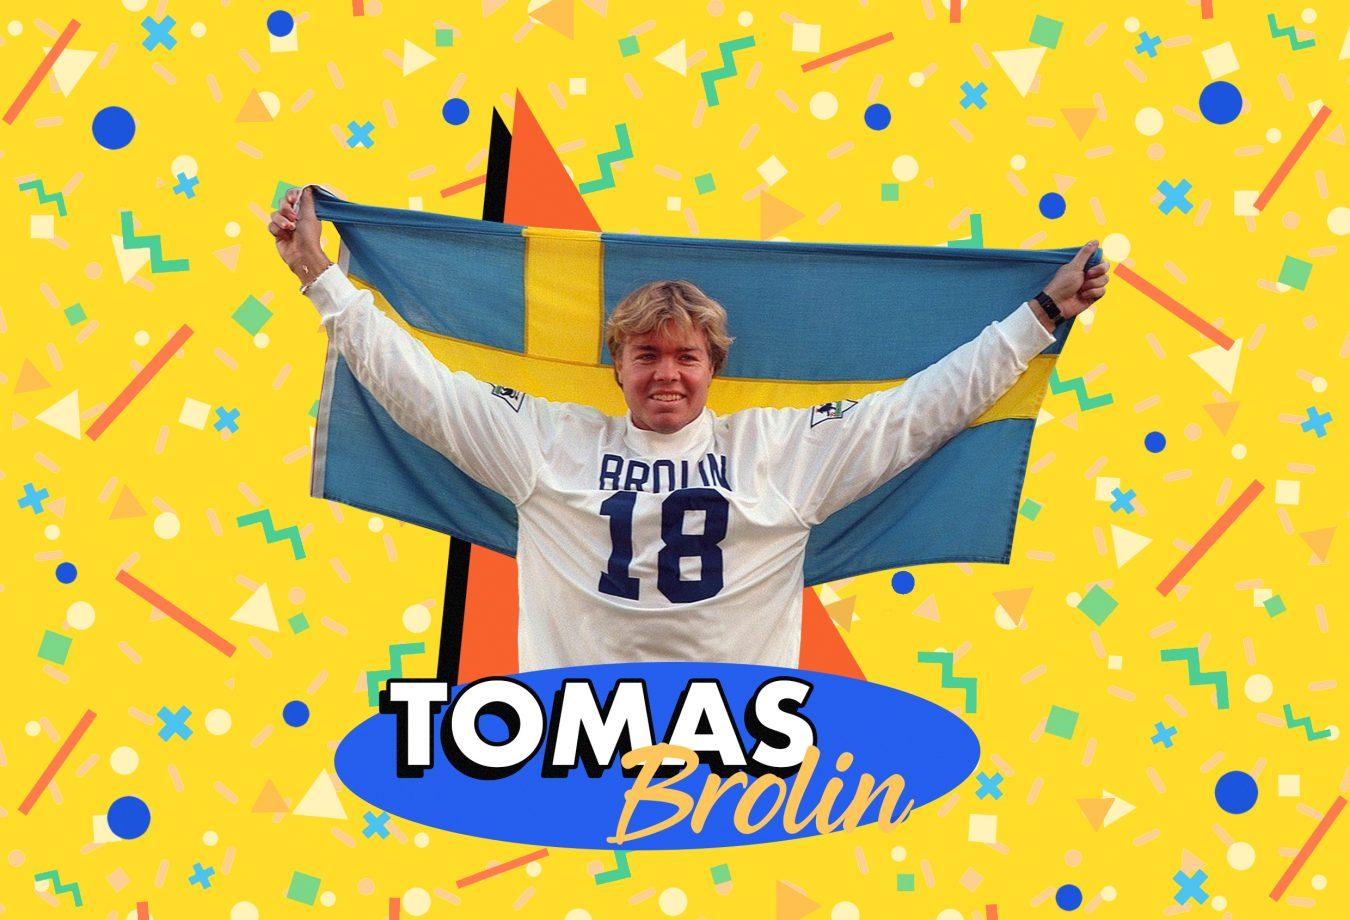 دهه 90 و جذابیت های لیگ برتر انگلیس-دهه 90-لیگ برتر انگلیس-سوئد-لیدز یونایتد-پارما-Sweden